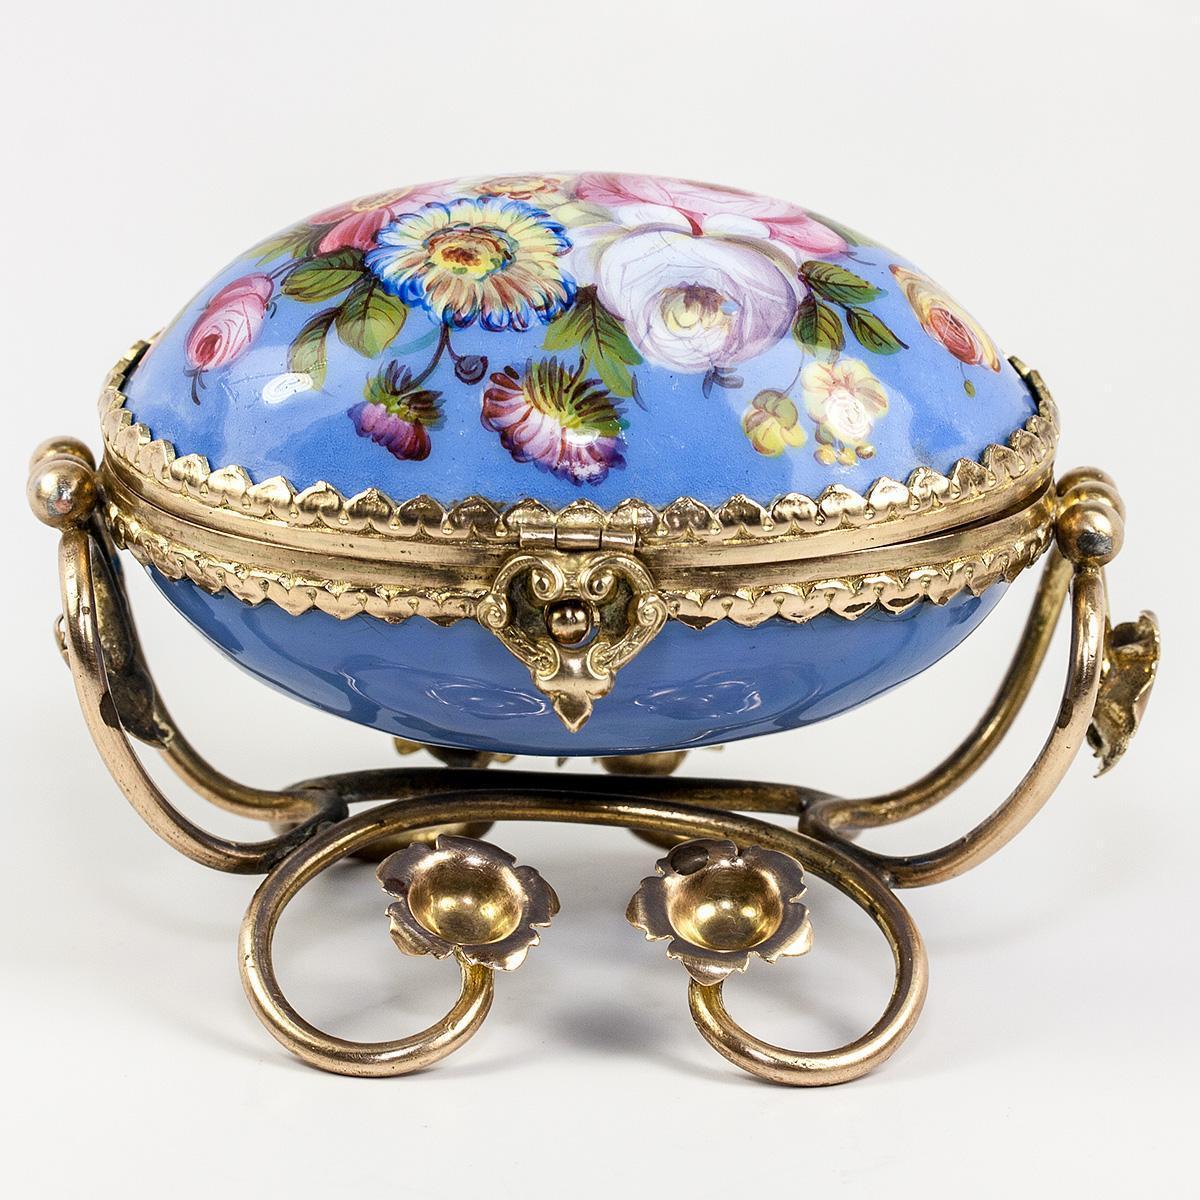 Fine Antique French Kiln Fired Enamel Jewelry Casket Box